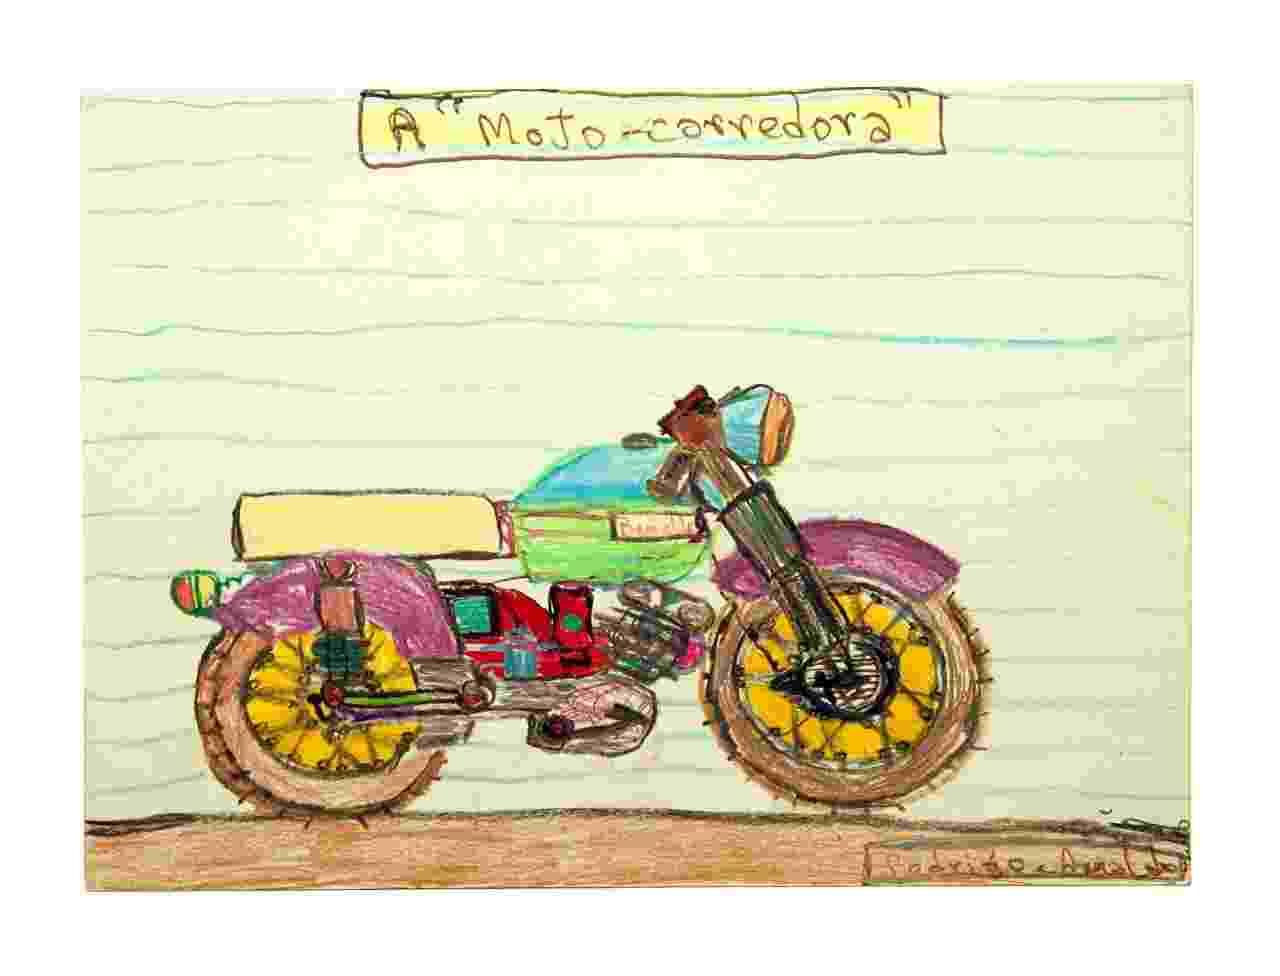 """A exposição individual """"Transmigração"""", de Arnaldo Dias Baptista, apresenta desenhos, pinturas, colagens e objetos pessoais como cadernos, jaquetas, camisetas e cartões-postais - Divulgação"""